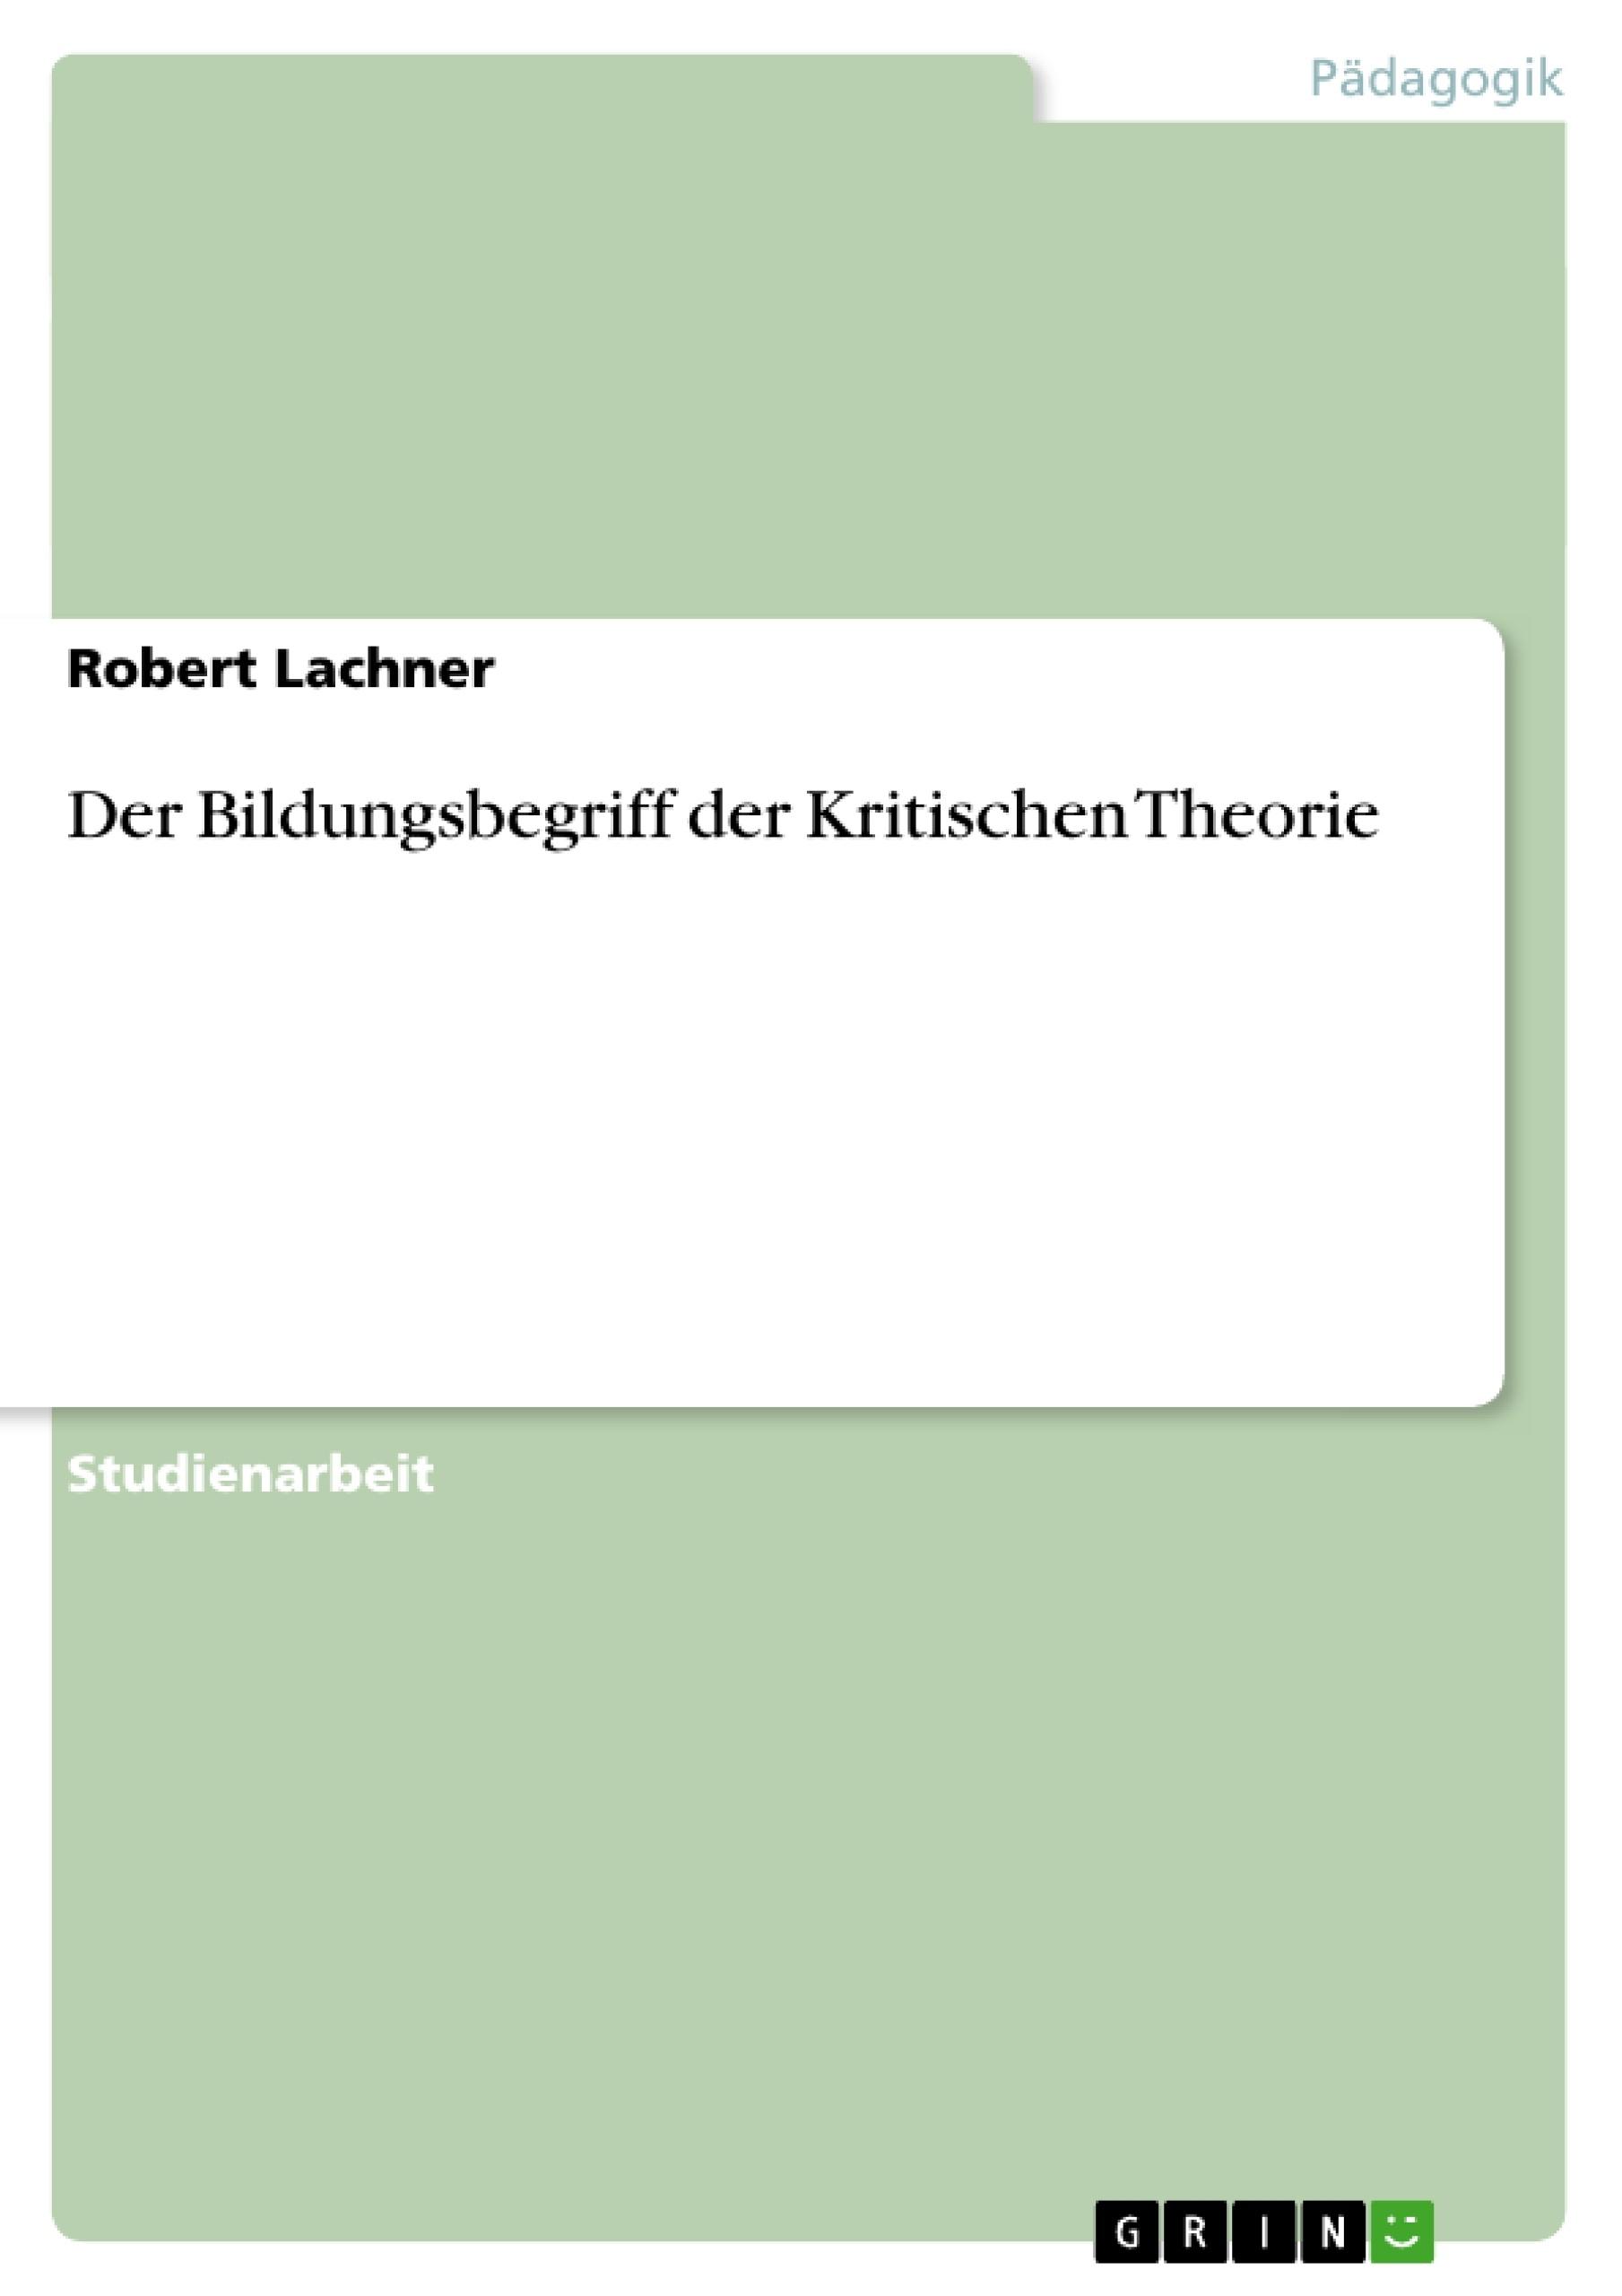 Titel: Der Bildungsbegriff der Kritischen Theorie